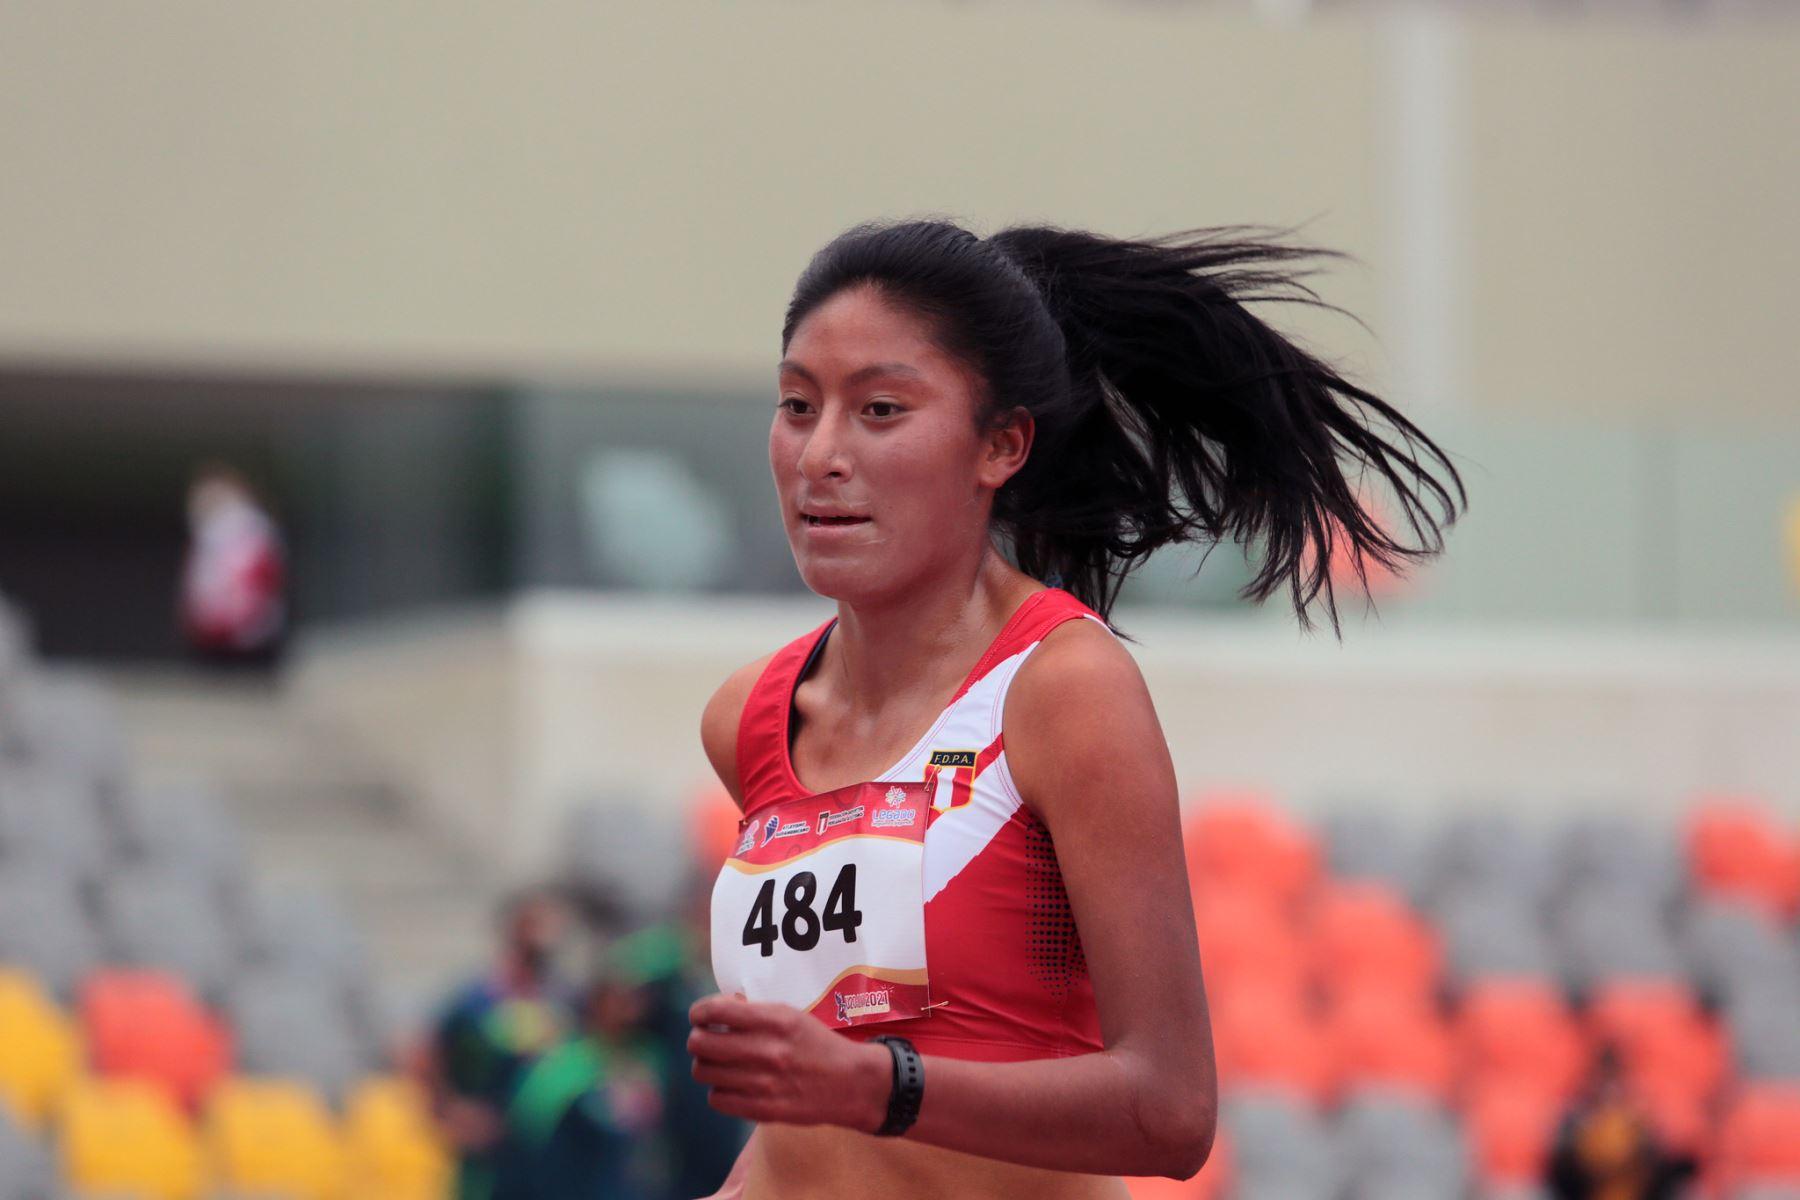 Atleta Sofía Mamani vuelve a brillar y gana la medalla de plata en Sudamericano U20